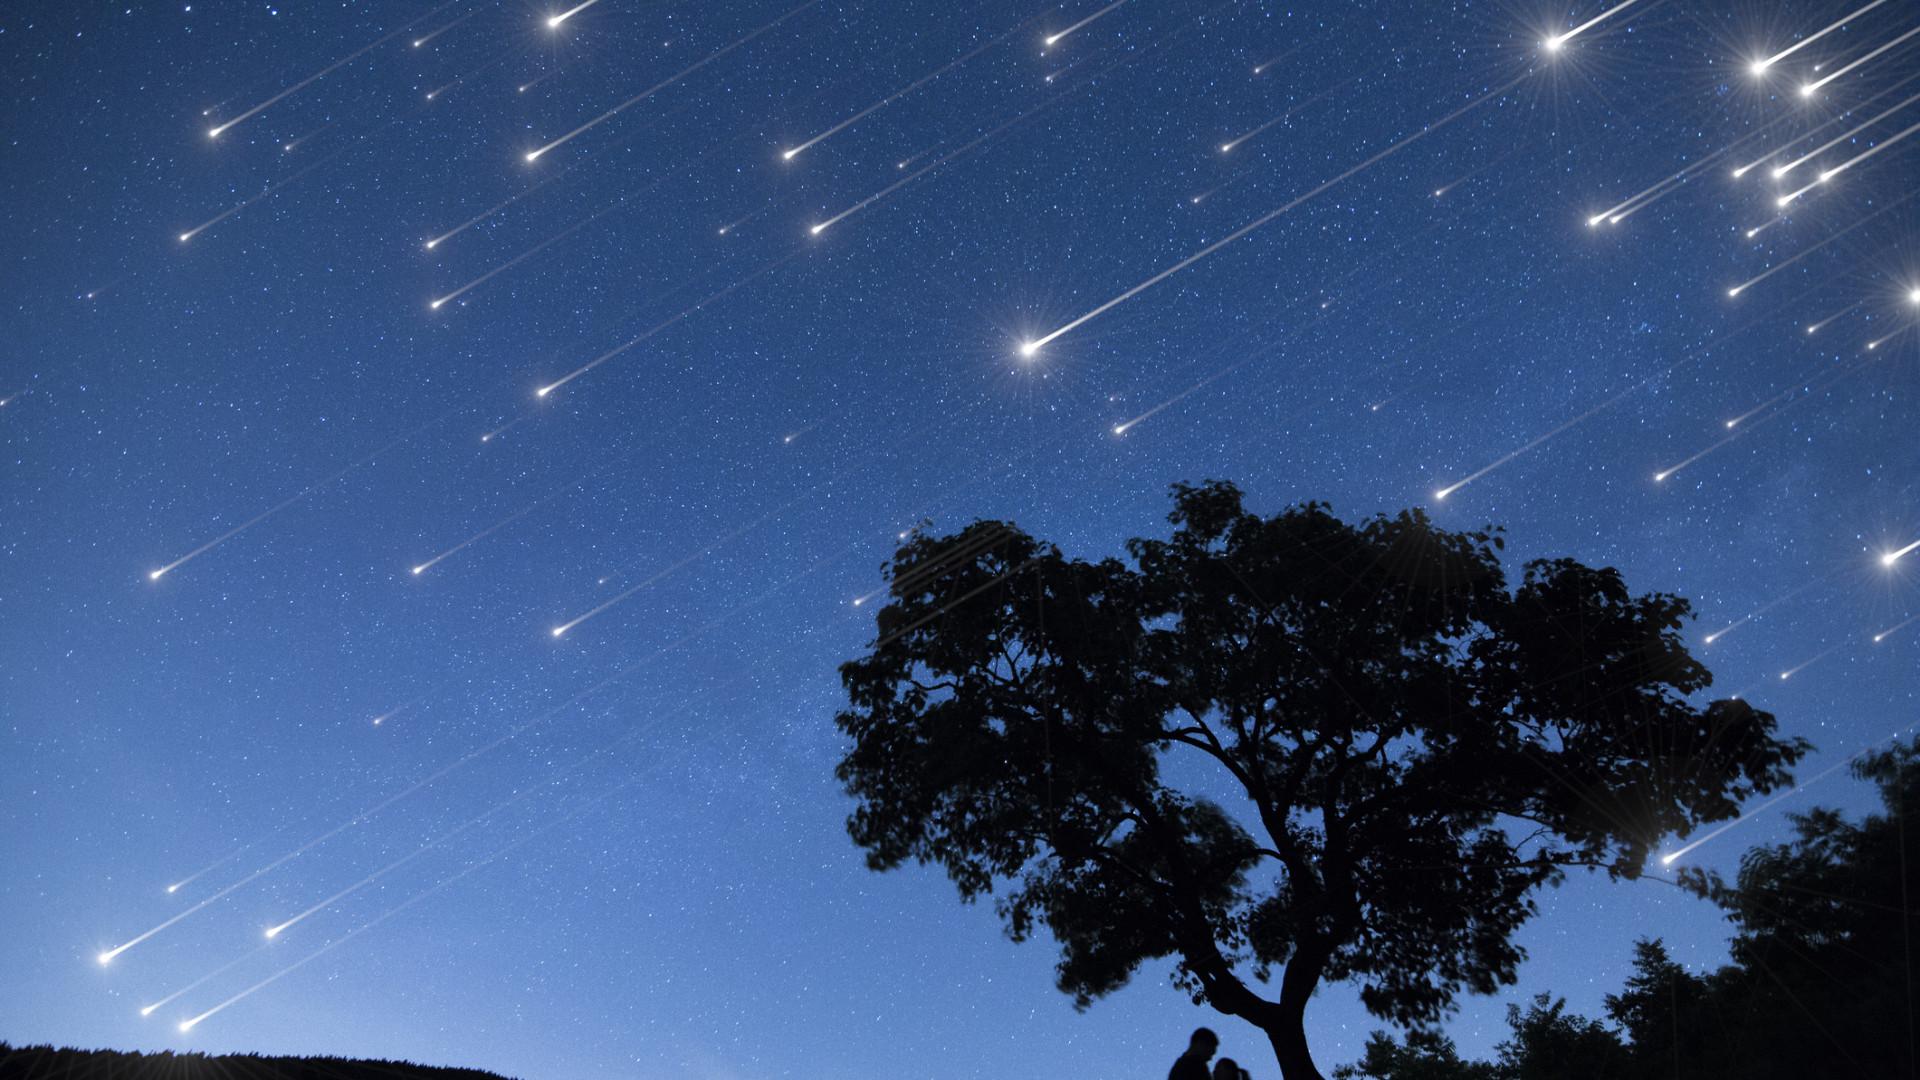 Ще валят звезди - тази вечер се сбъдват всичките ни желания!